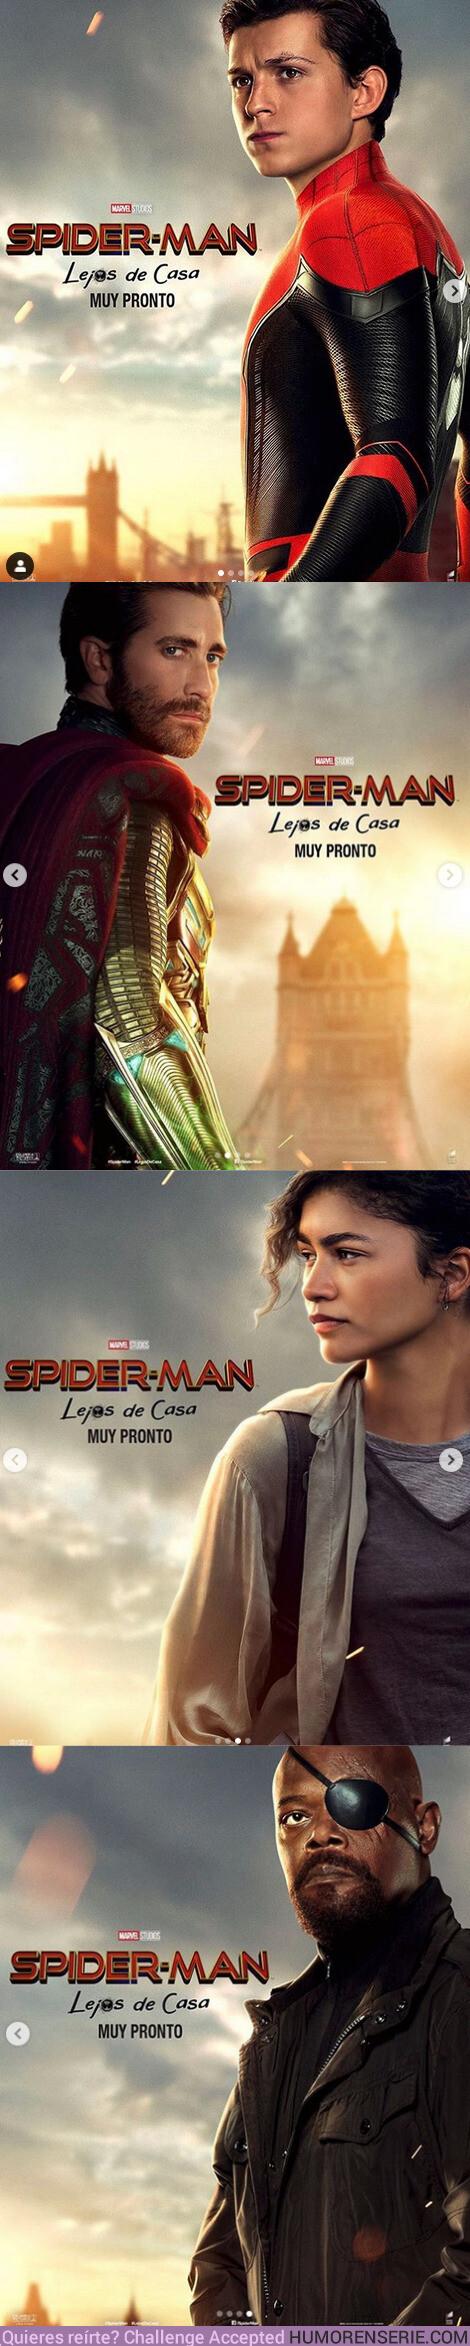 38506 - GALERÍA: Nuevos pósters oficiales de Spider-man lejos de casa